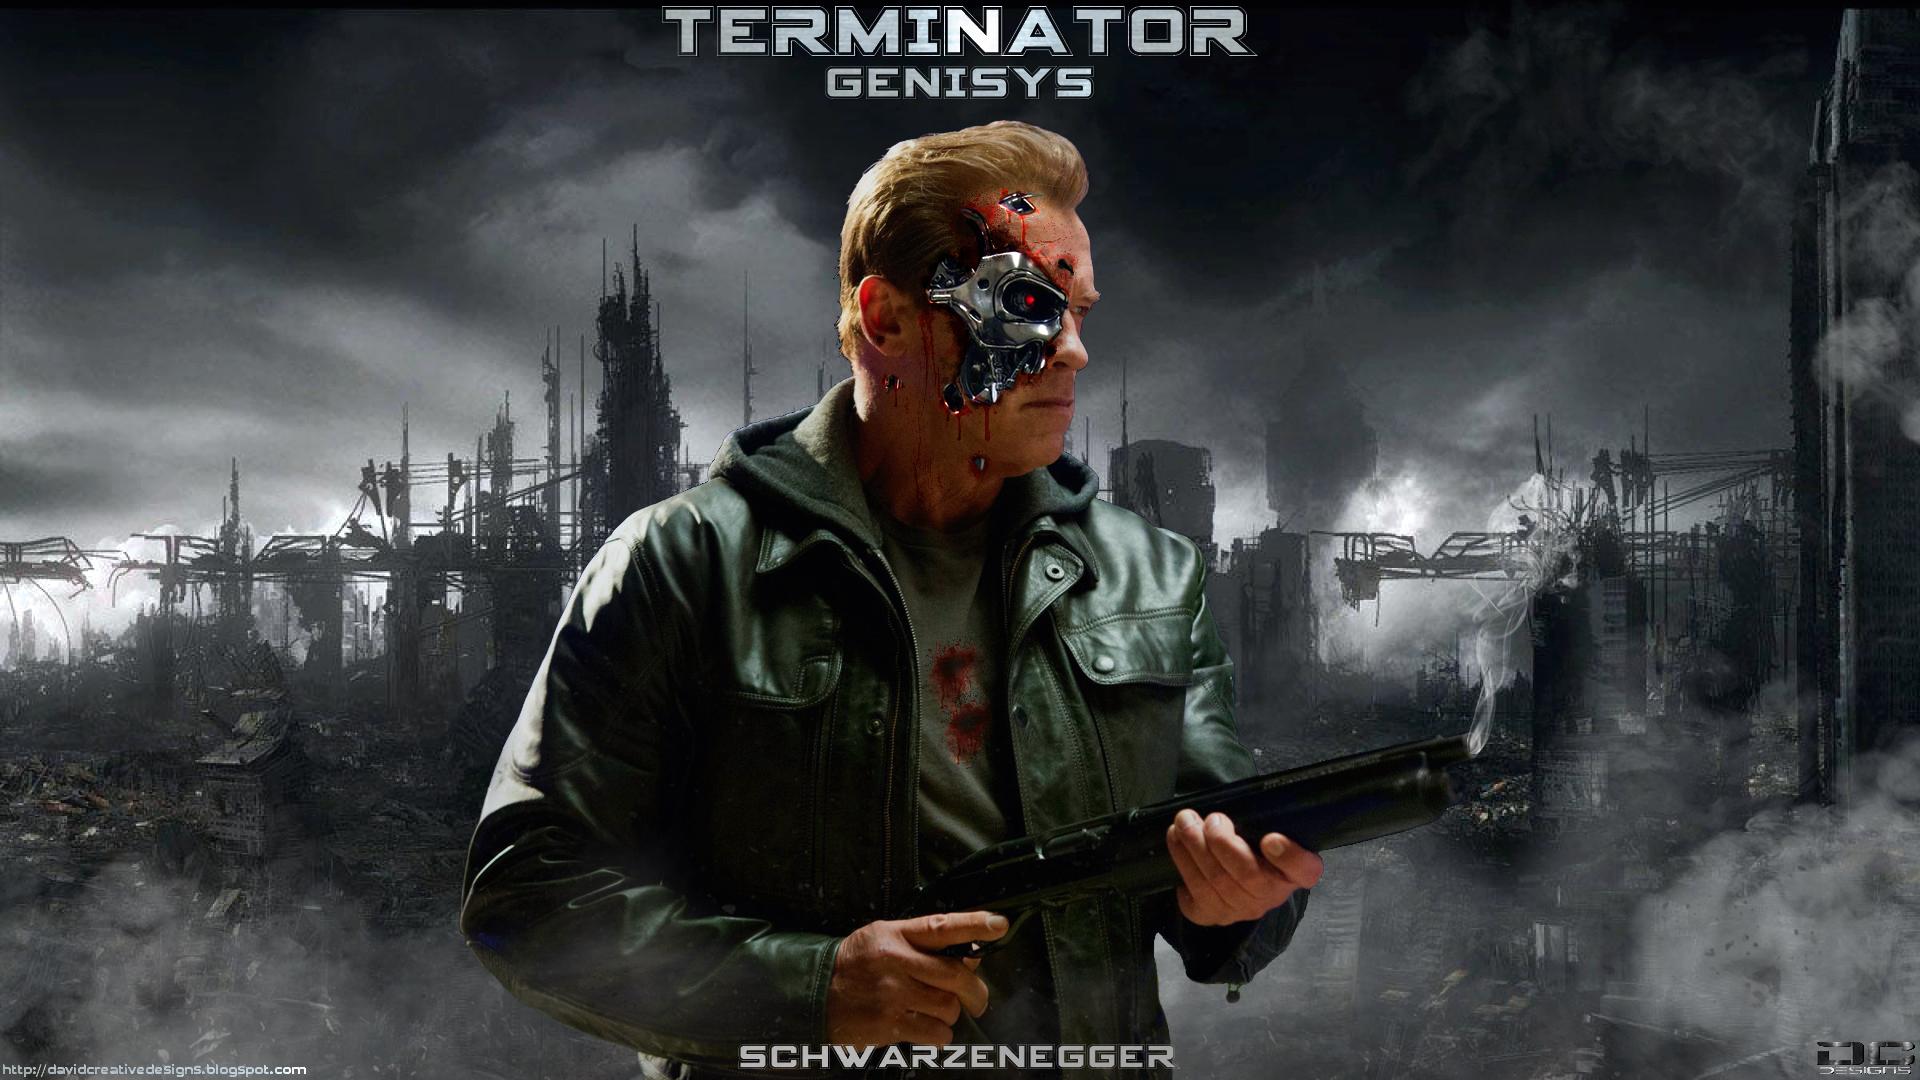 Movie - Terminator Genisys  Arnold Schwarzenegger Poster Fan Art Wallpaper